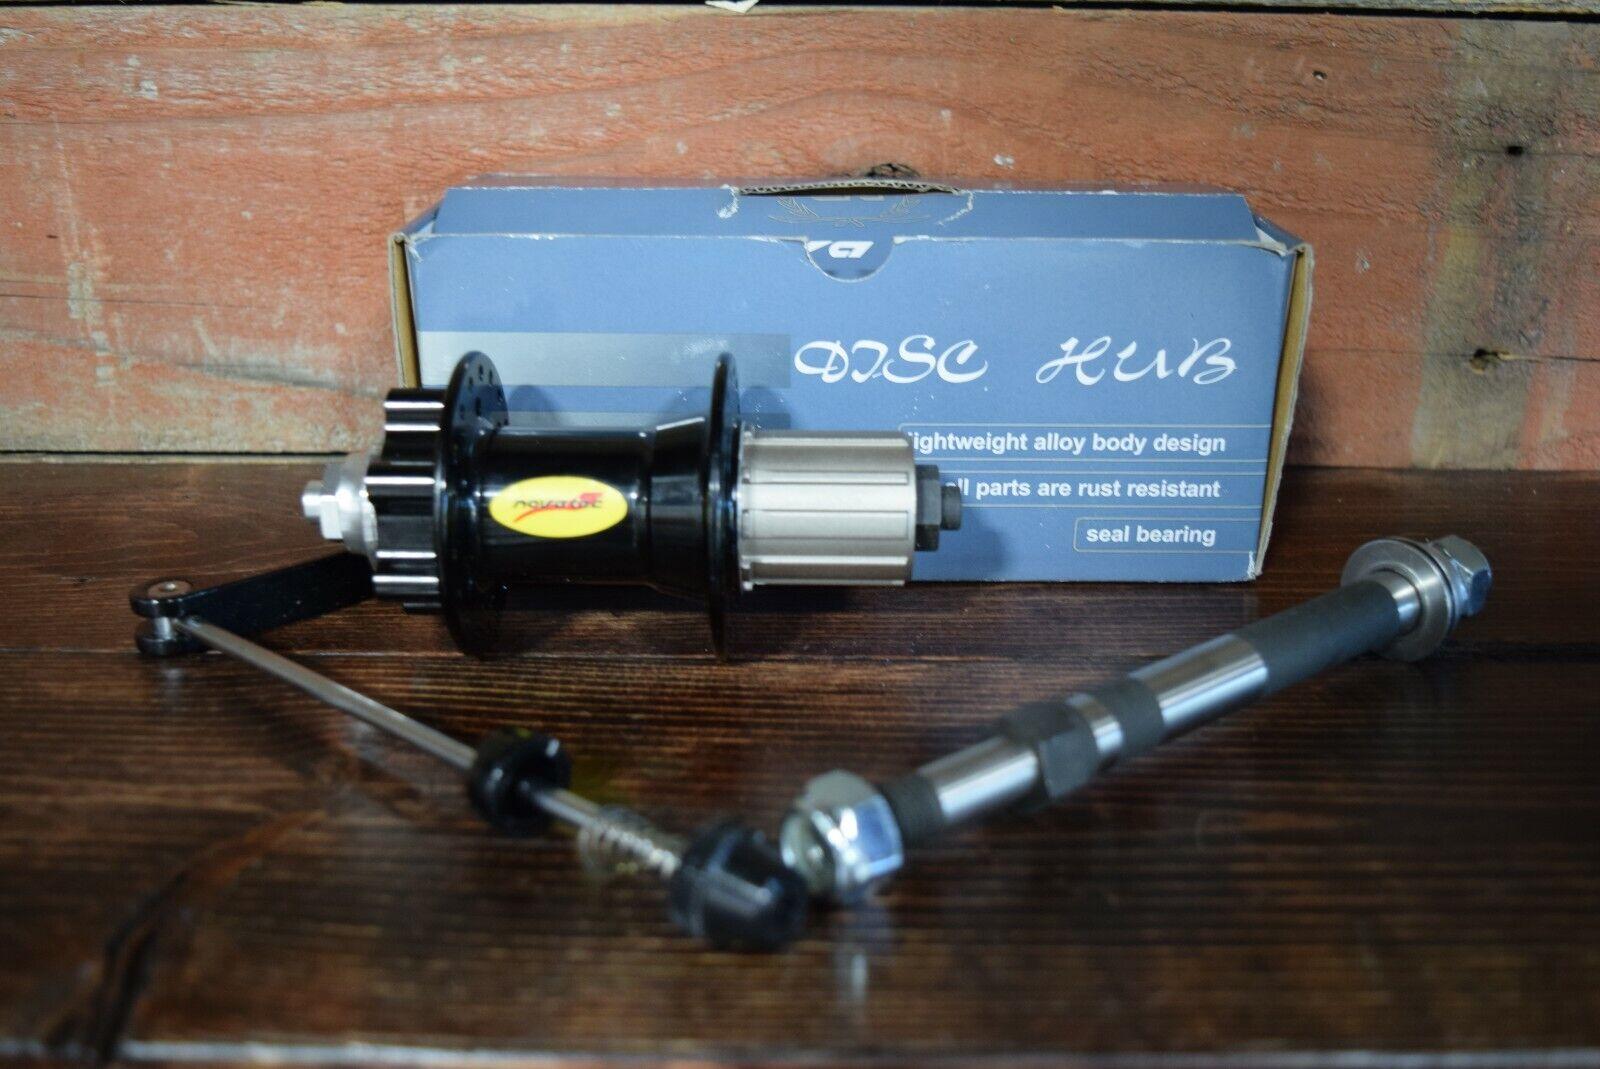 NEU NovaTec Disc Heck Hub Dichtungen Lager Widerstand 135mm QR oder Bolt auf NOS